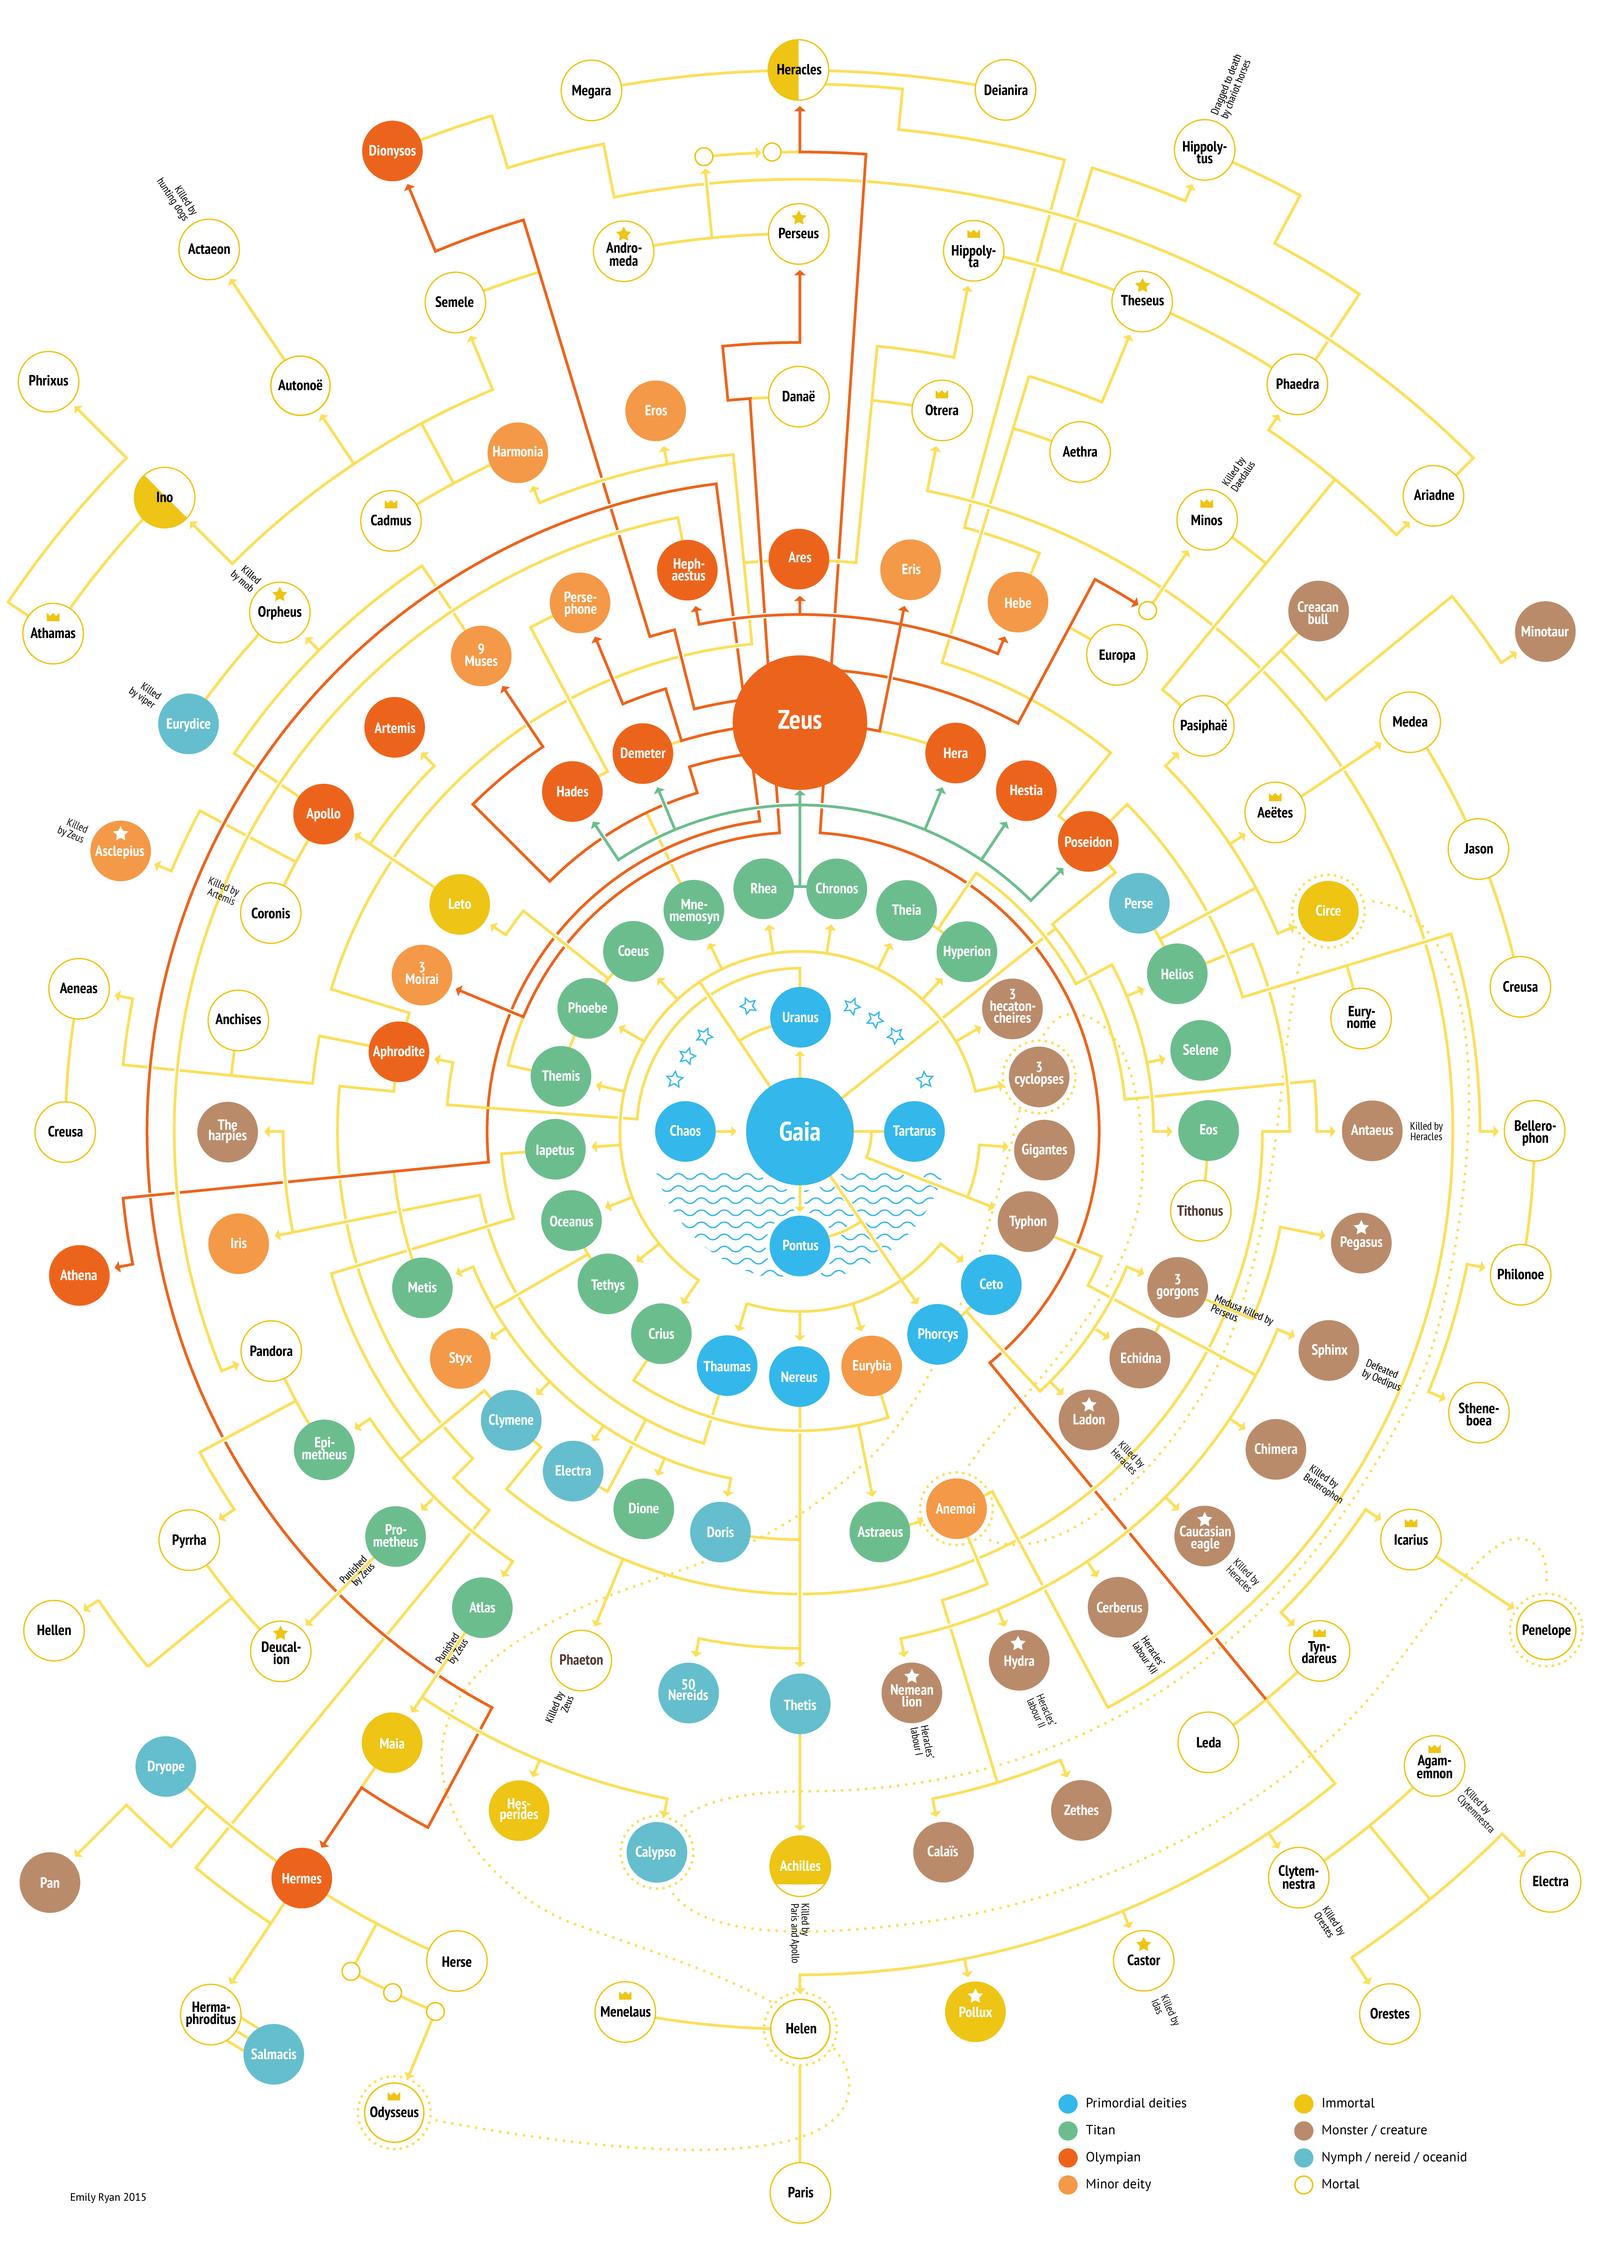 Family Tree of the Olympian Gods, by artist Emily Ryan